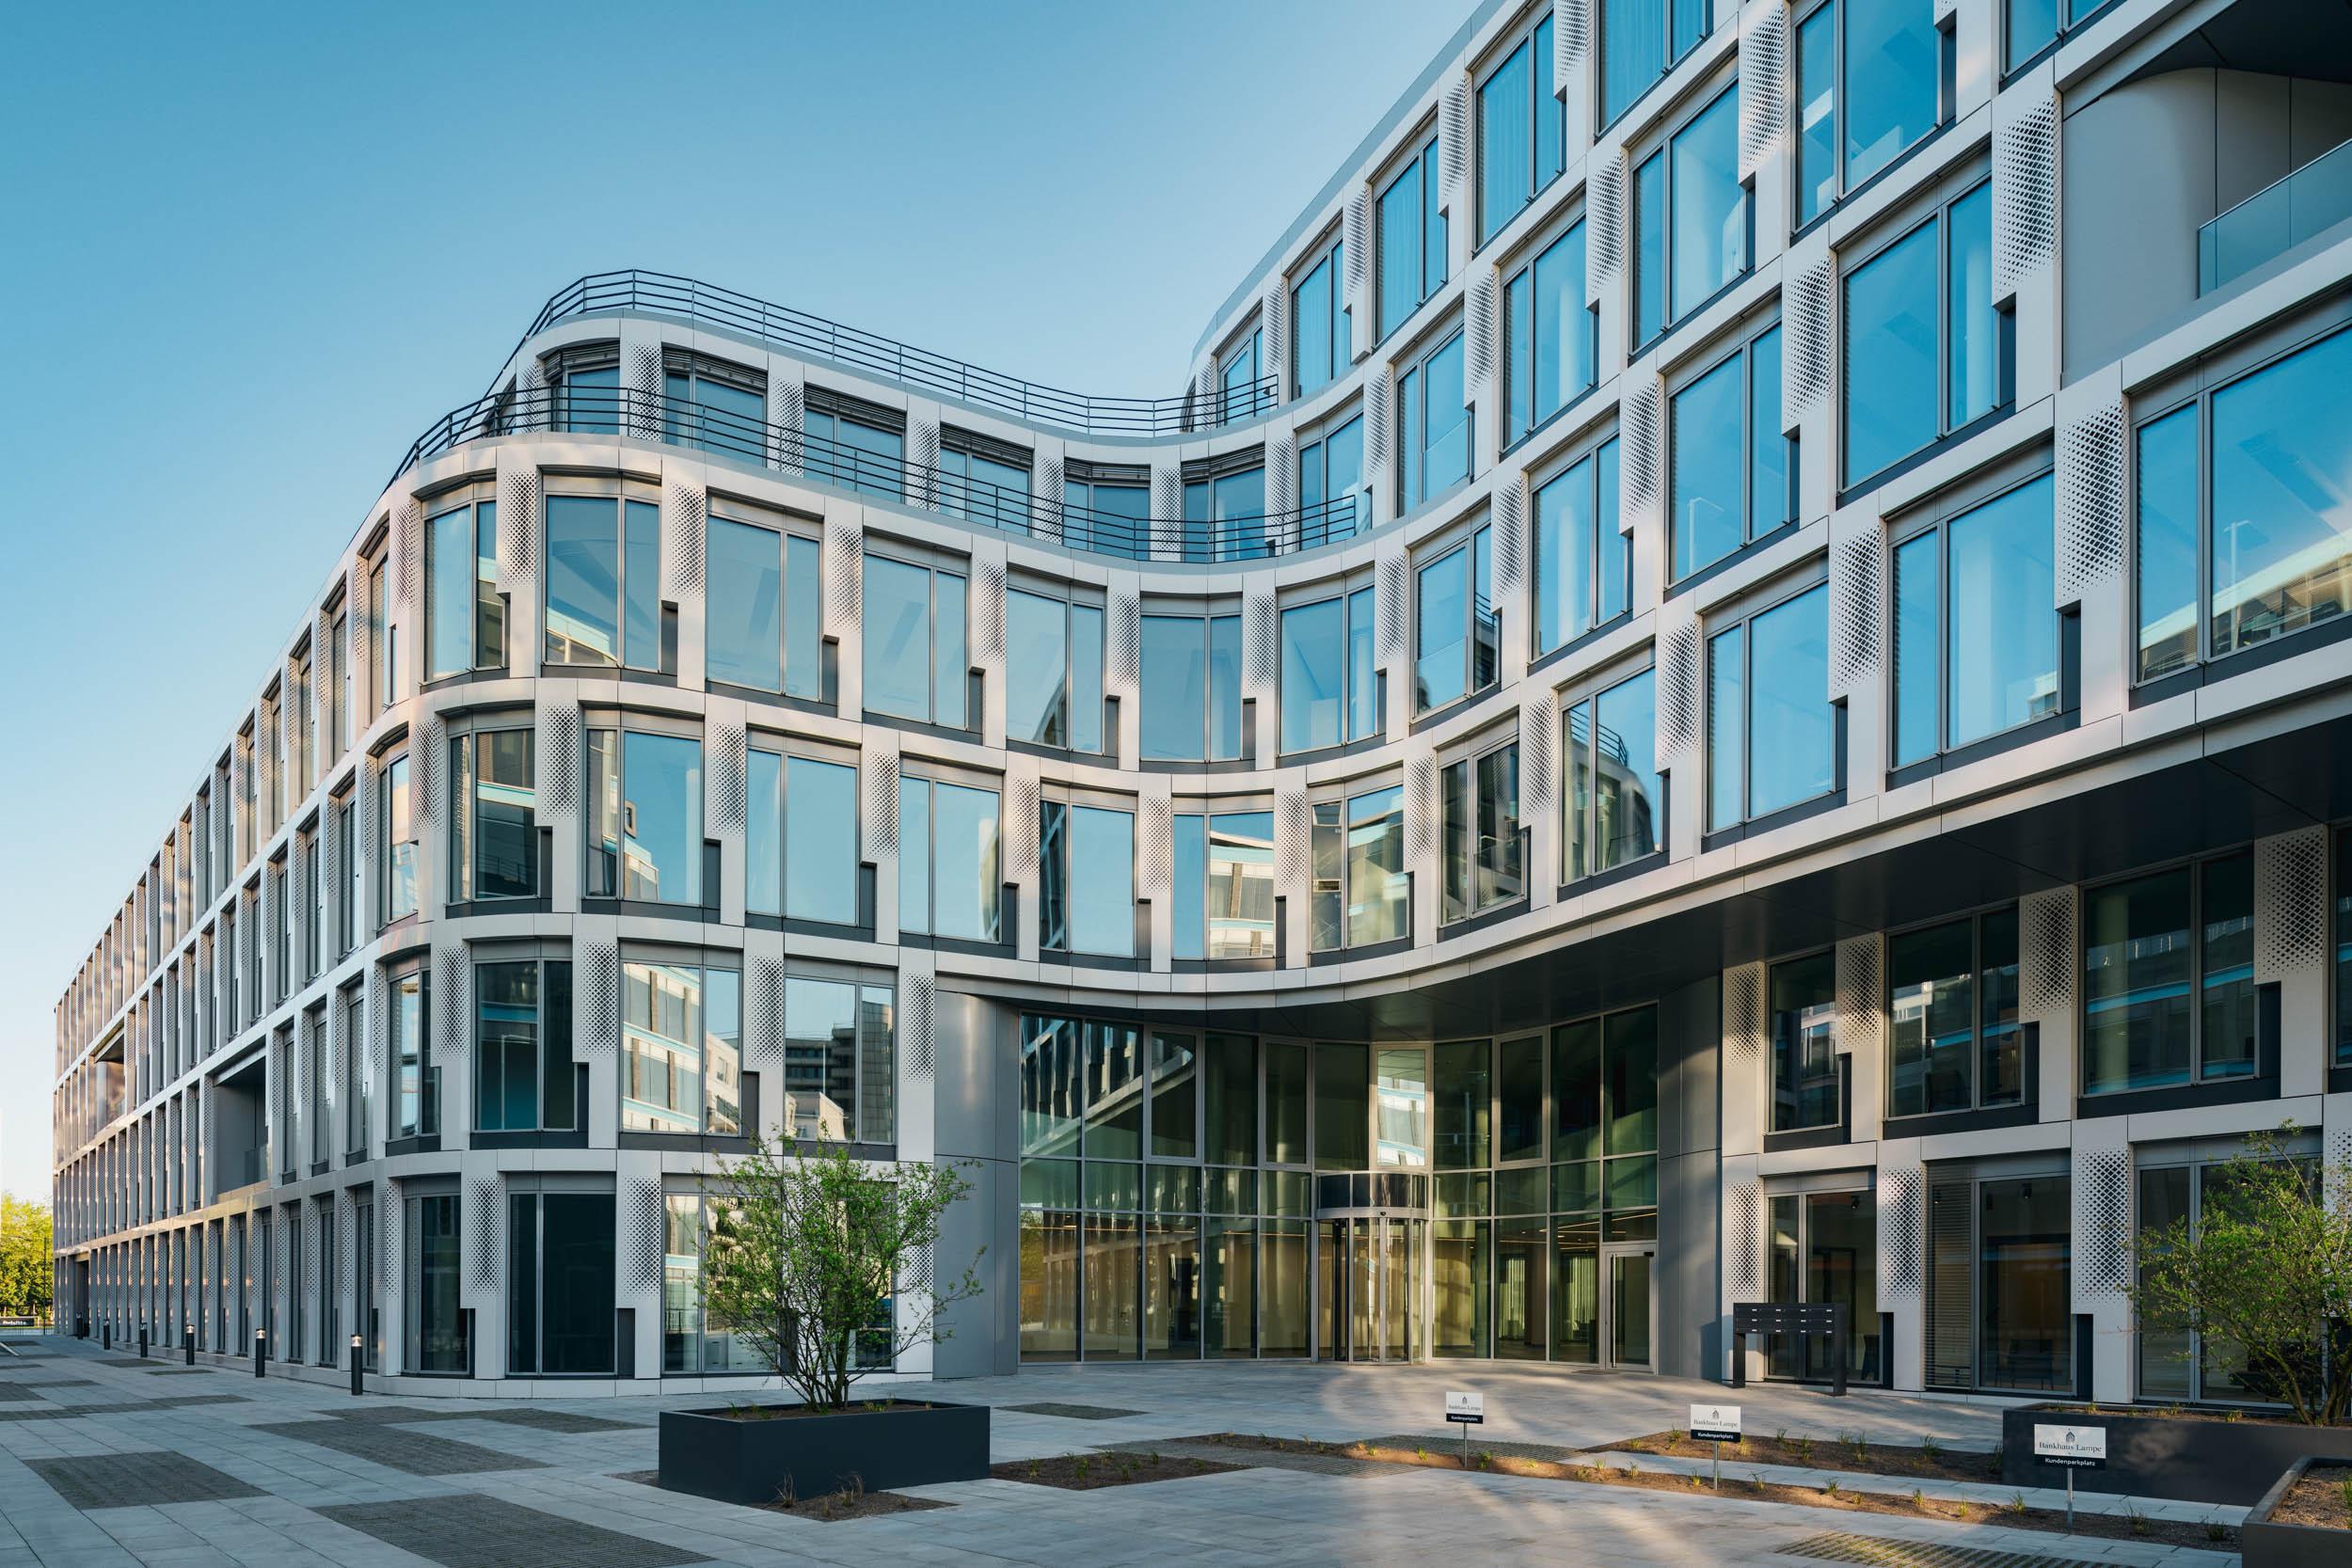 Gustav-Epple-Bauunternehmung-Infinity-Düsseldoef-Schwannstrasse-Architektur-Büro_MLX5627